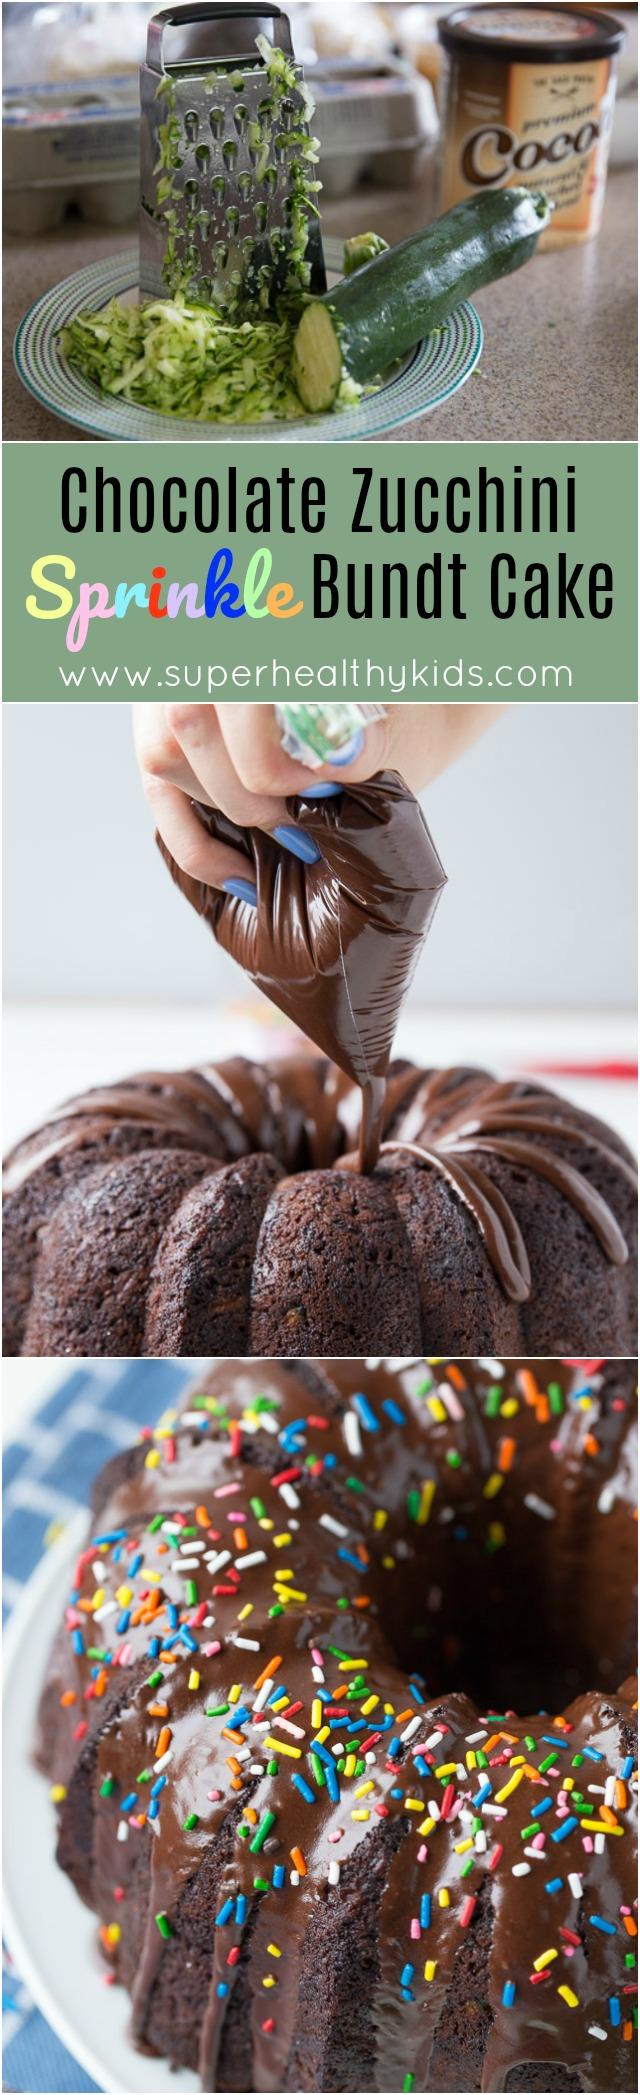 Chocolate Zucchini Sprinkle Bundt Cake